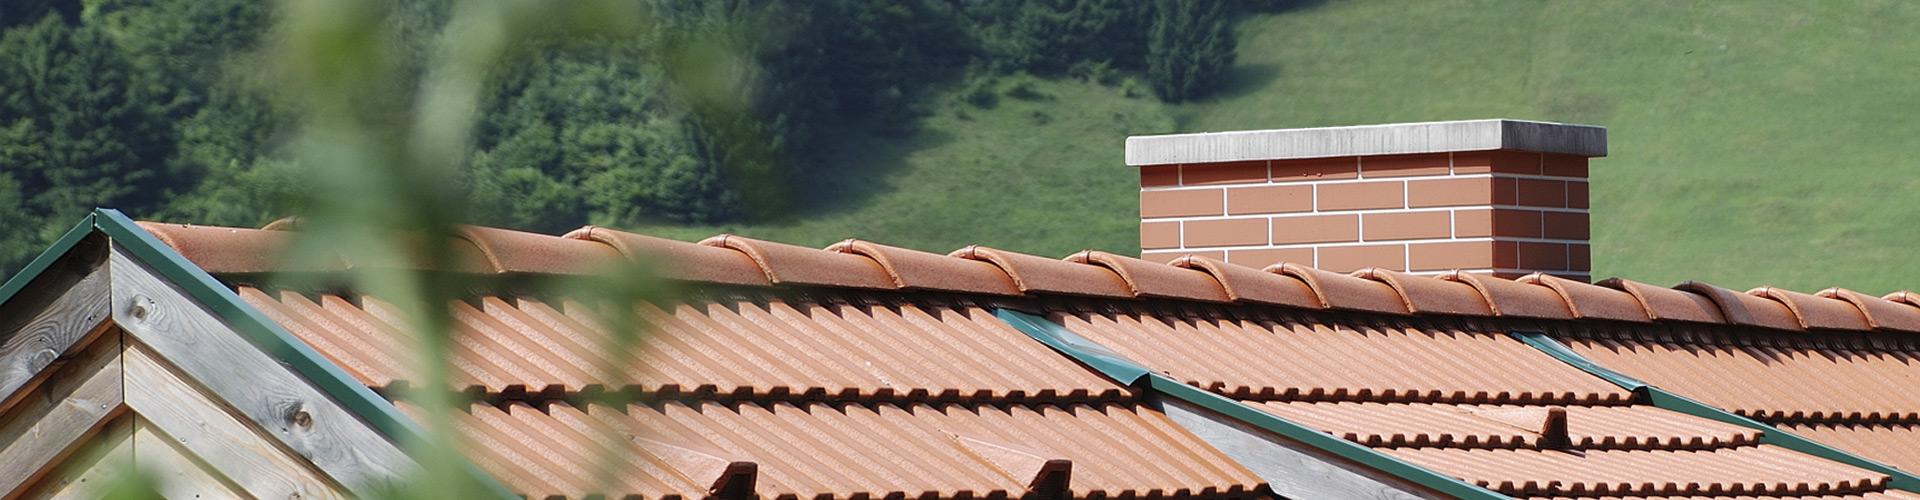 IPS-Slider-Dach